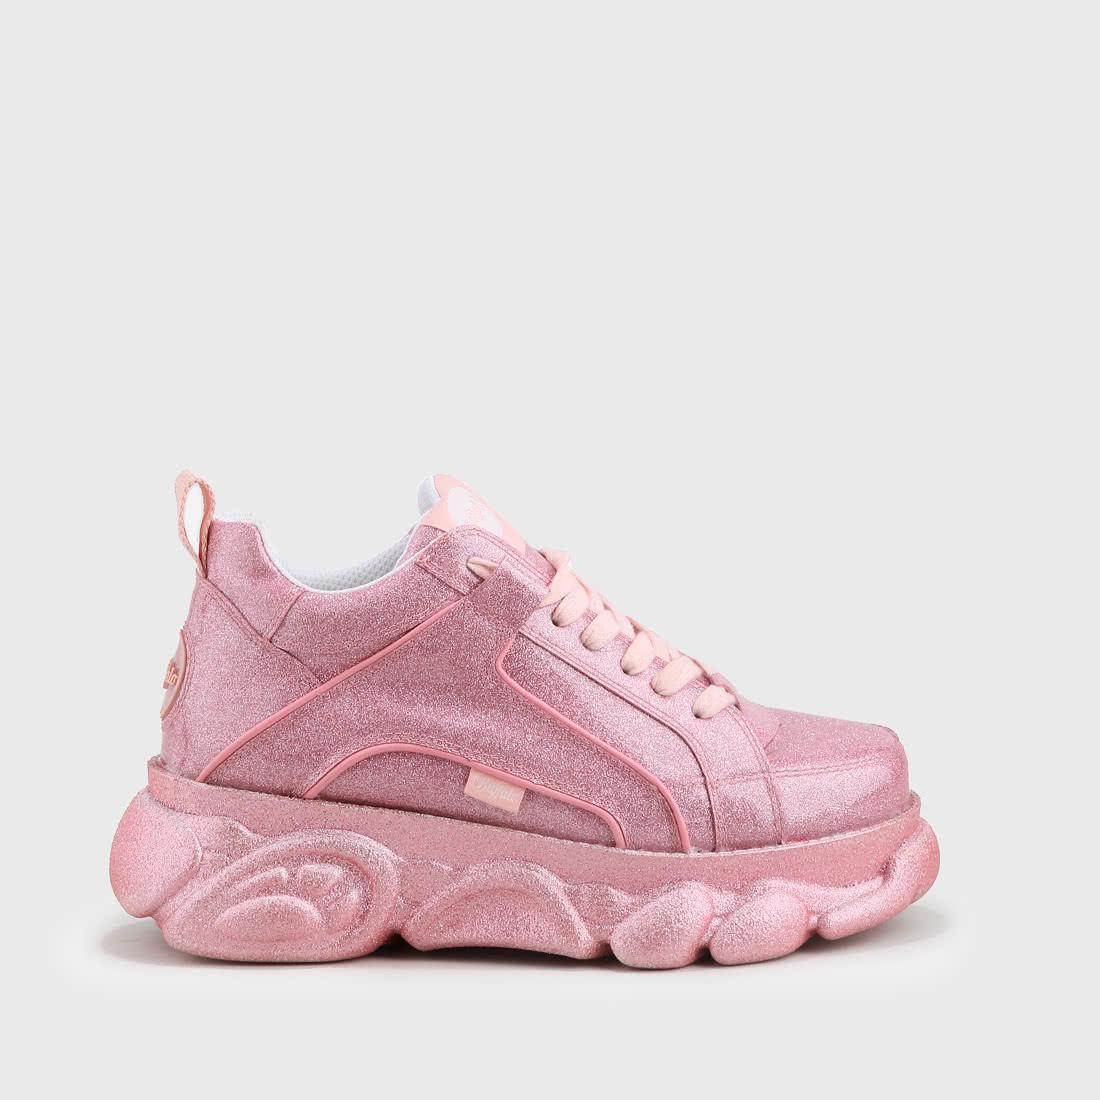 8a3898457a2c CLD Corin sneaker glitter pink buy online in BUFFALO Online-Shop ...